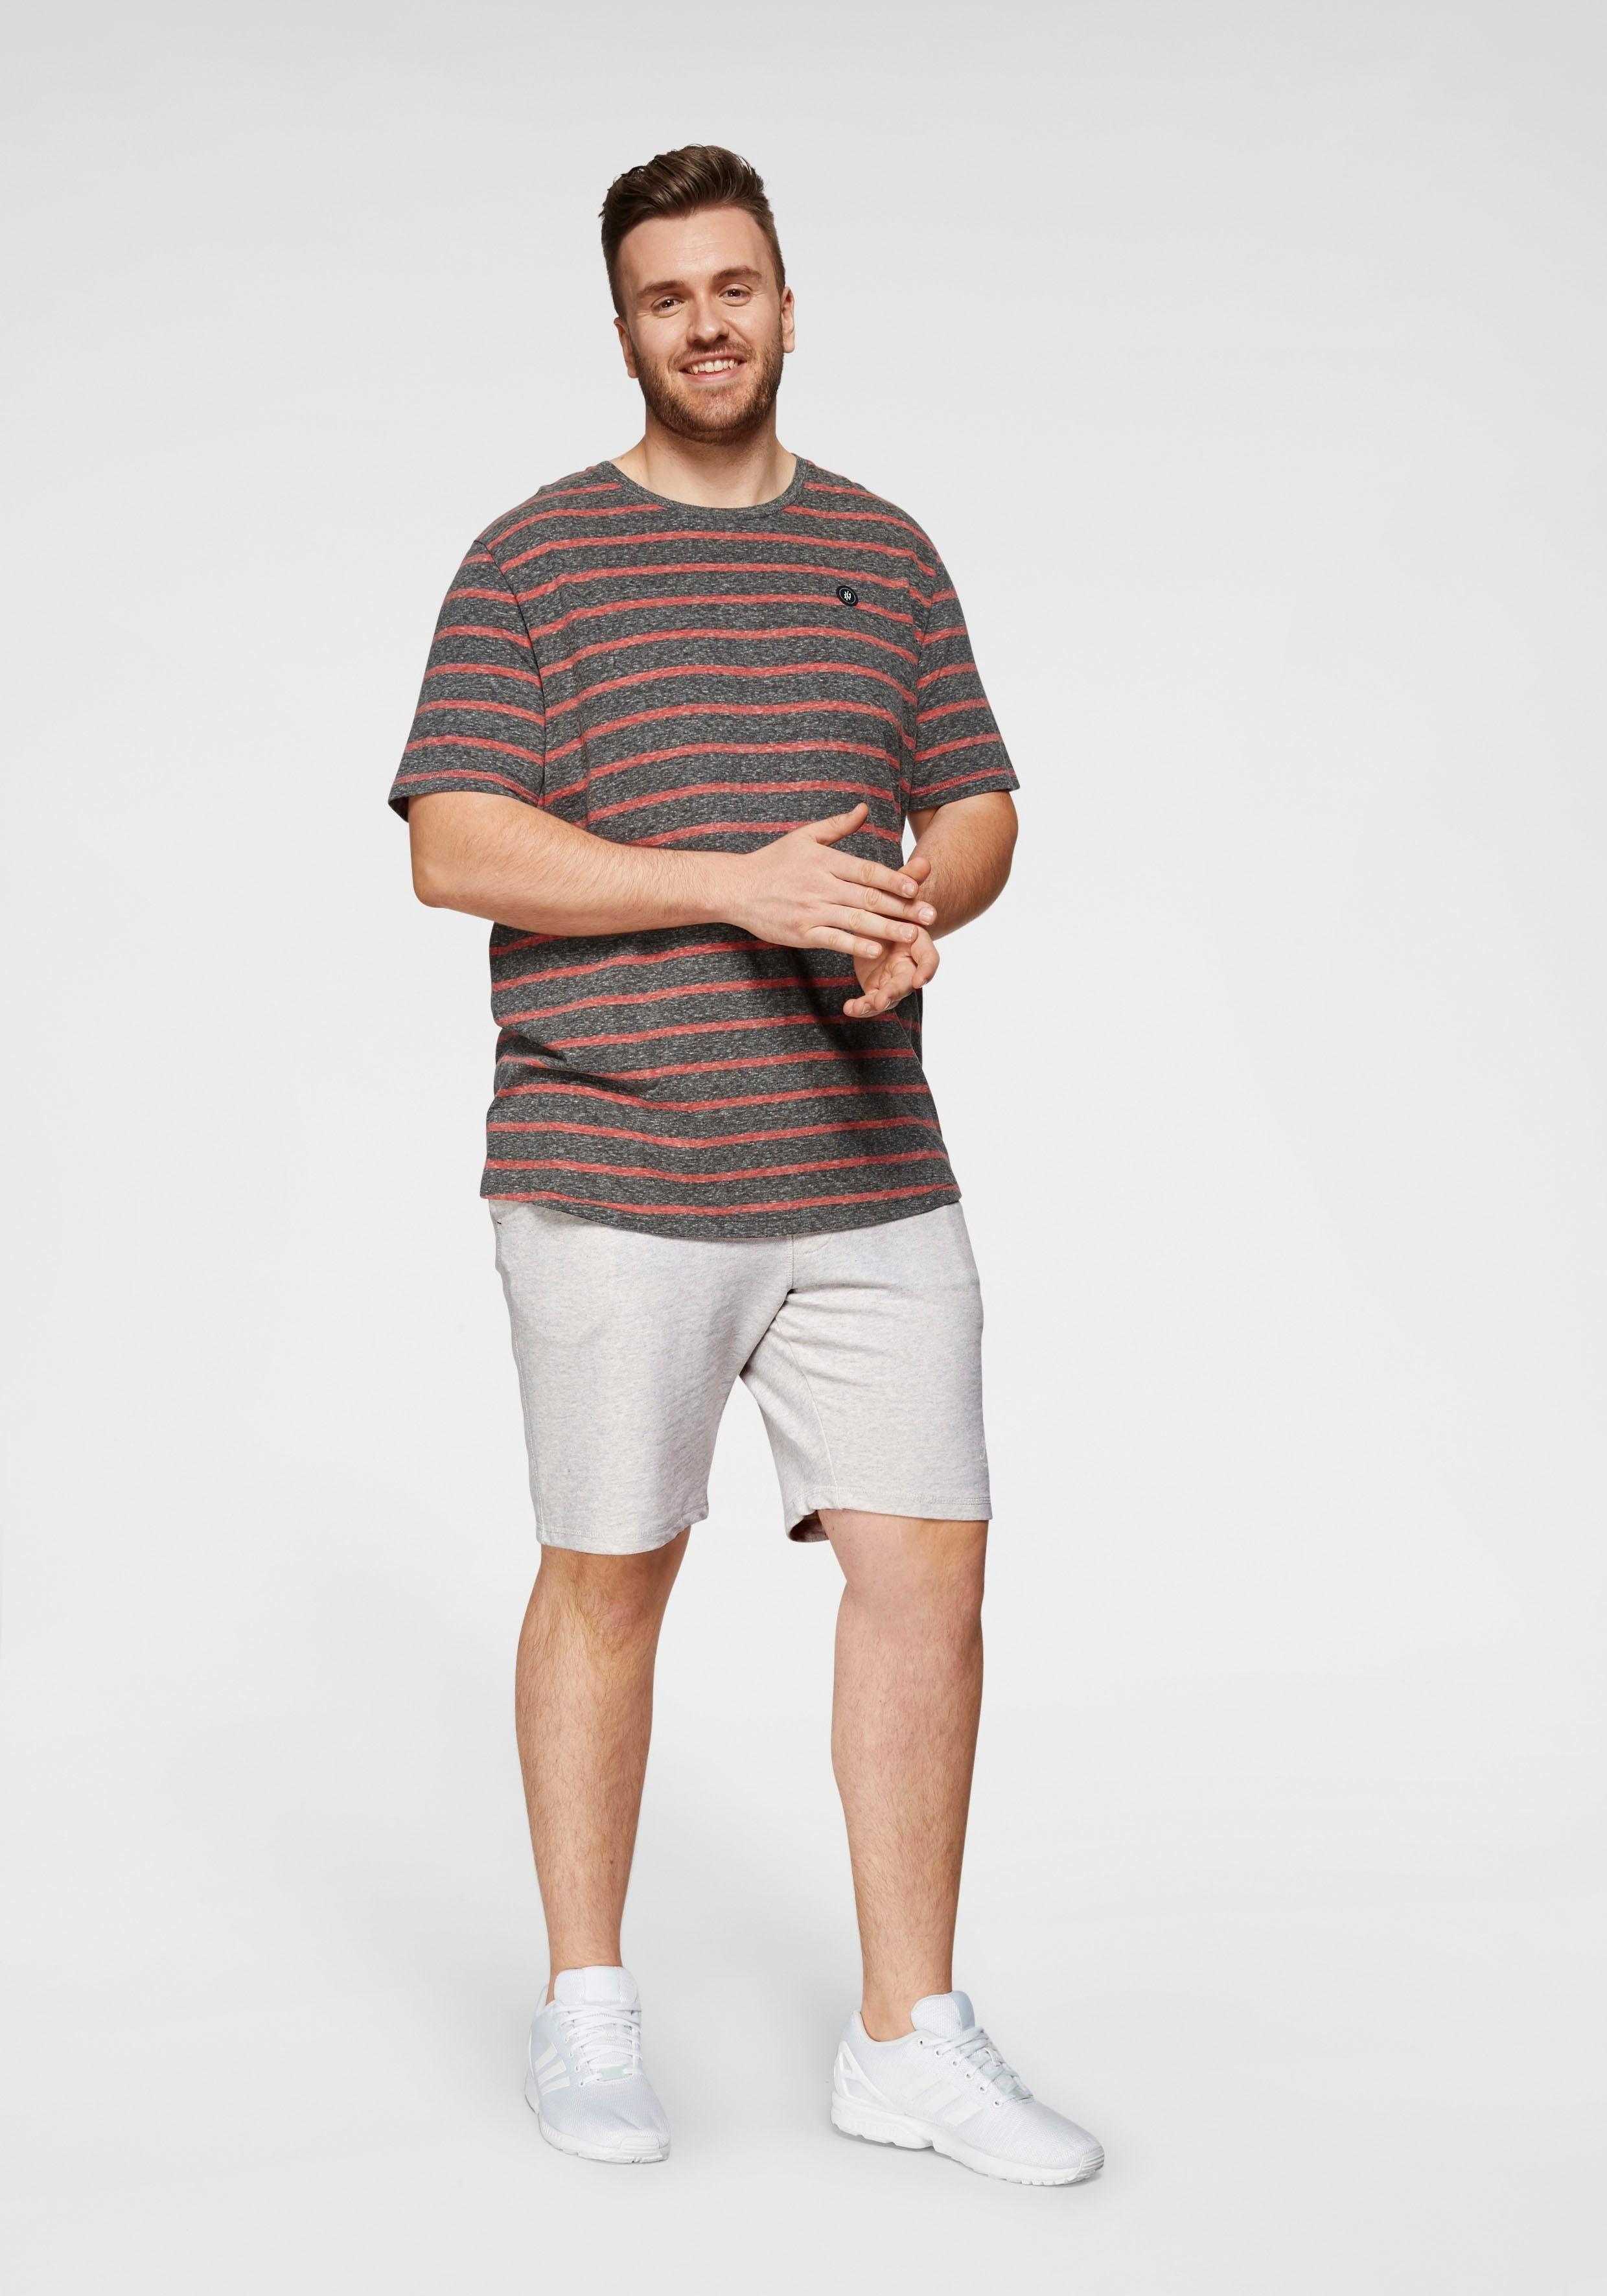 shirt Kaufen Bis T Größe Jones »generation Jackamp; Tee« Online 6xl 29WDeHIEbY